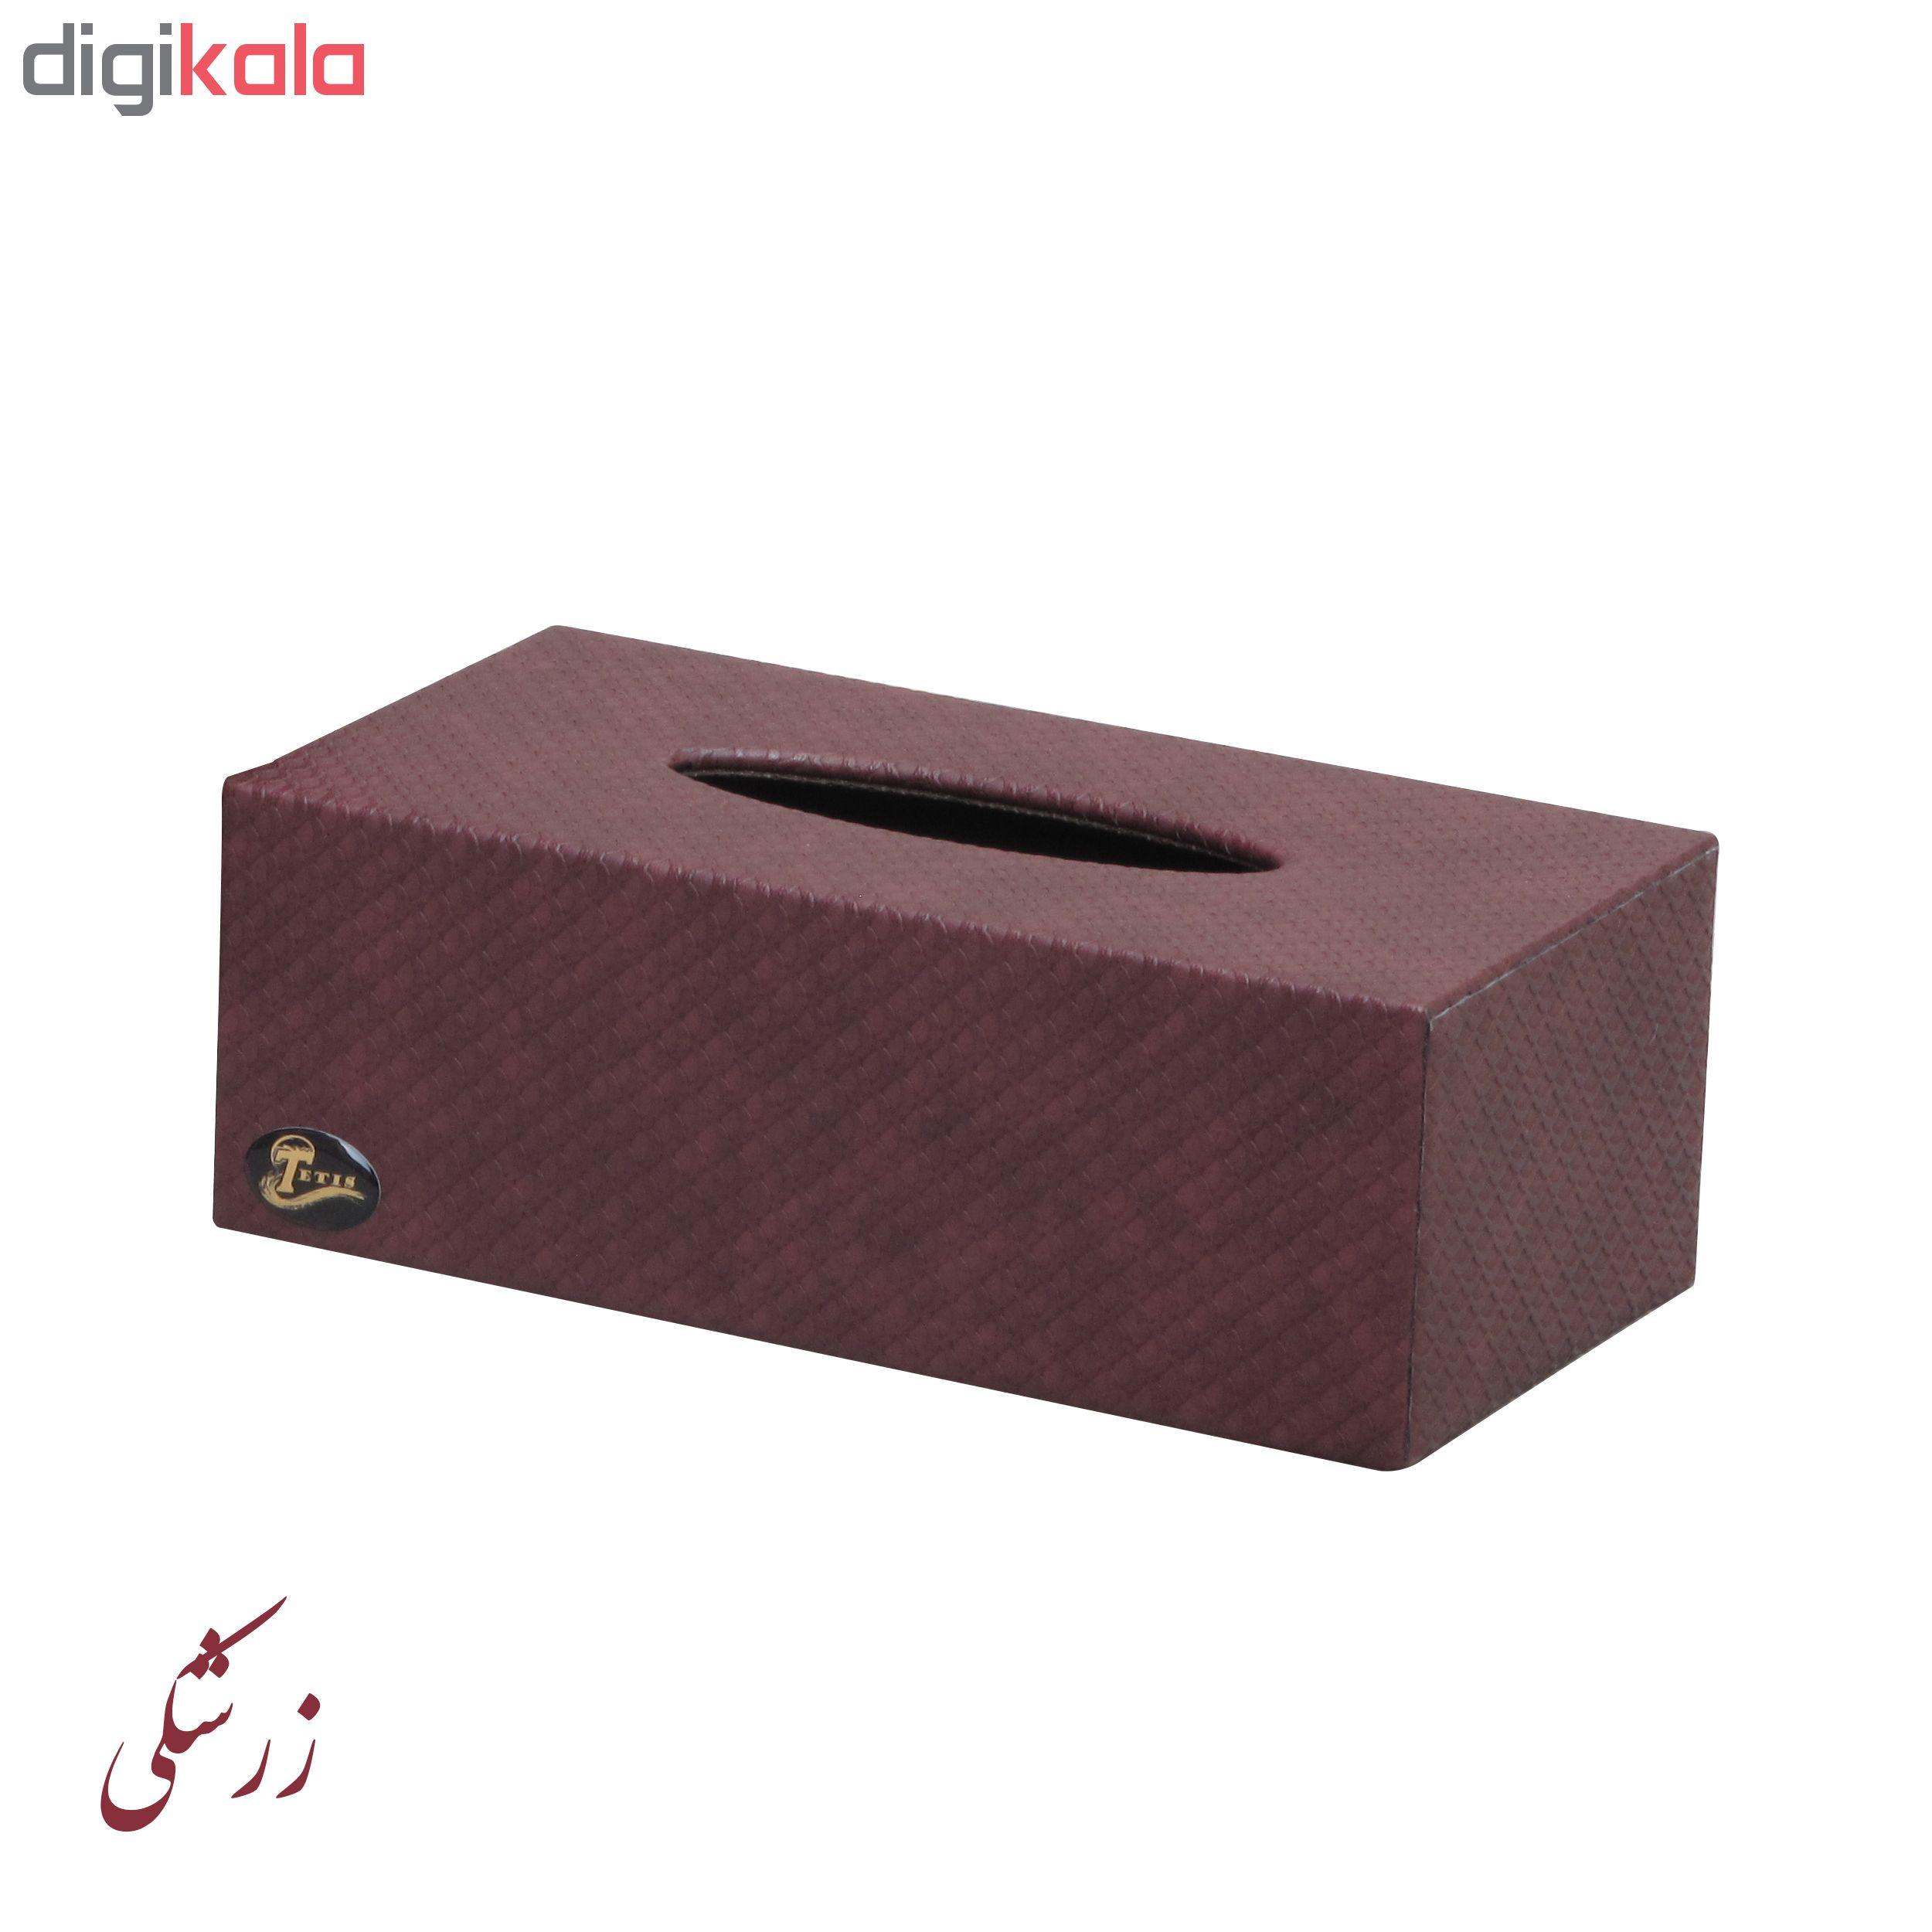 جعبه دستمال کاغذی تتیس مدل M-01